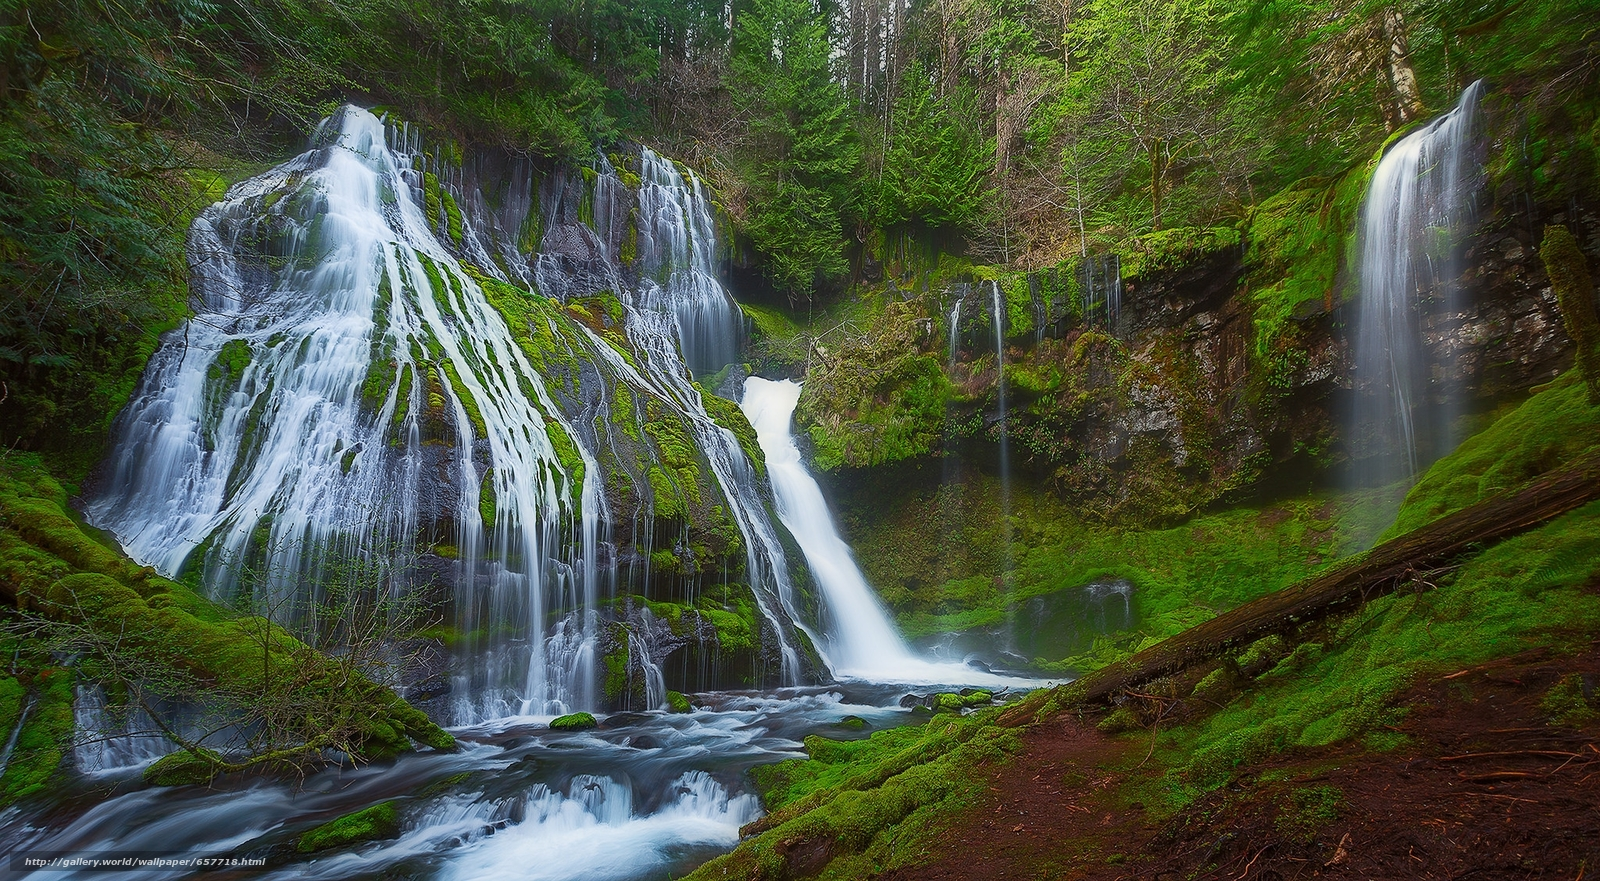 Download Hintergrund Panther Creek Falls,  Gifford Pinchot National Forest,  Wald,  Bäume Freie desktop Tapeten in der Auflosung 2048x1128 — bild №657718